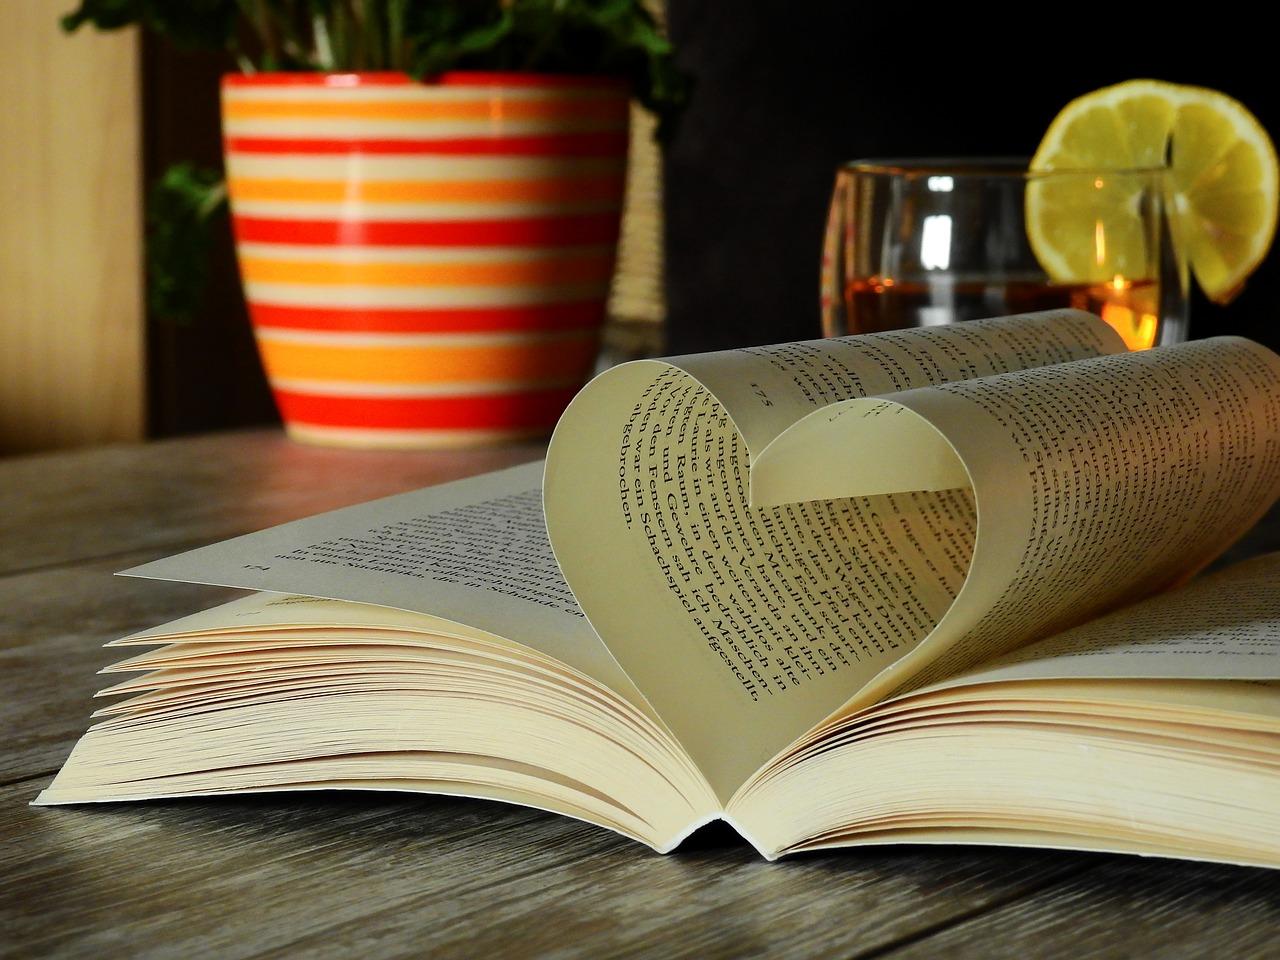 Betű utak egymáshoz – Hasznos könyvek párkapcsolatainkhoz